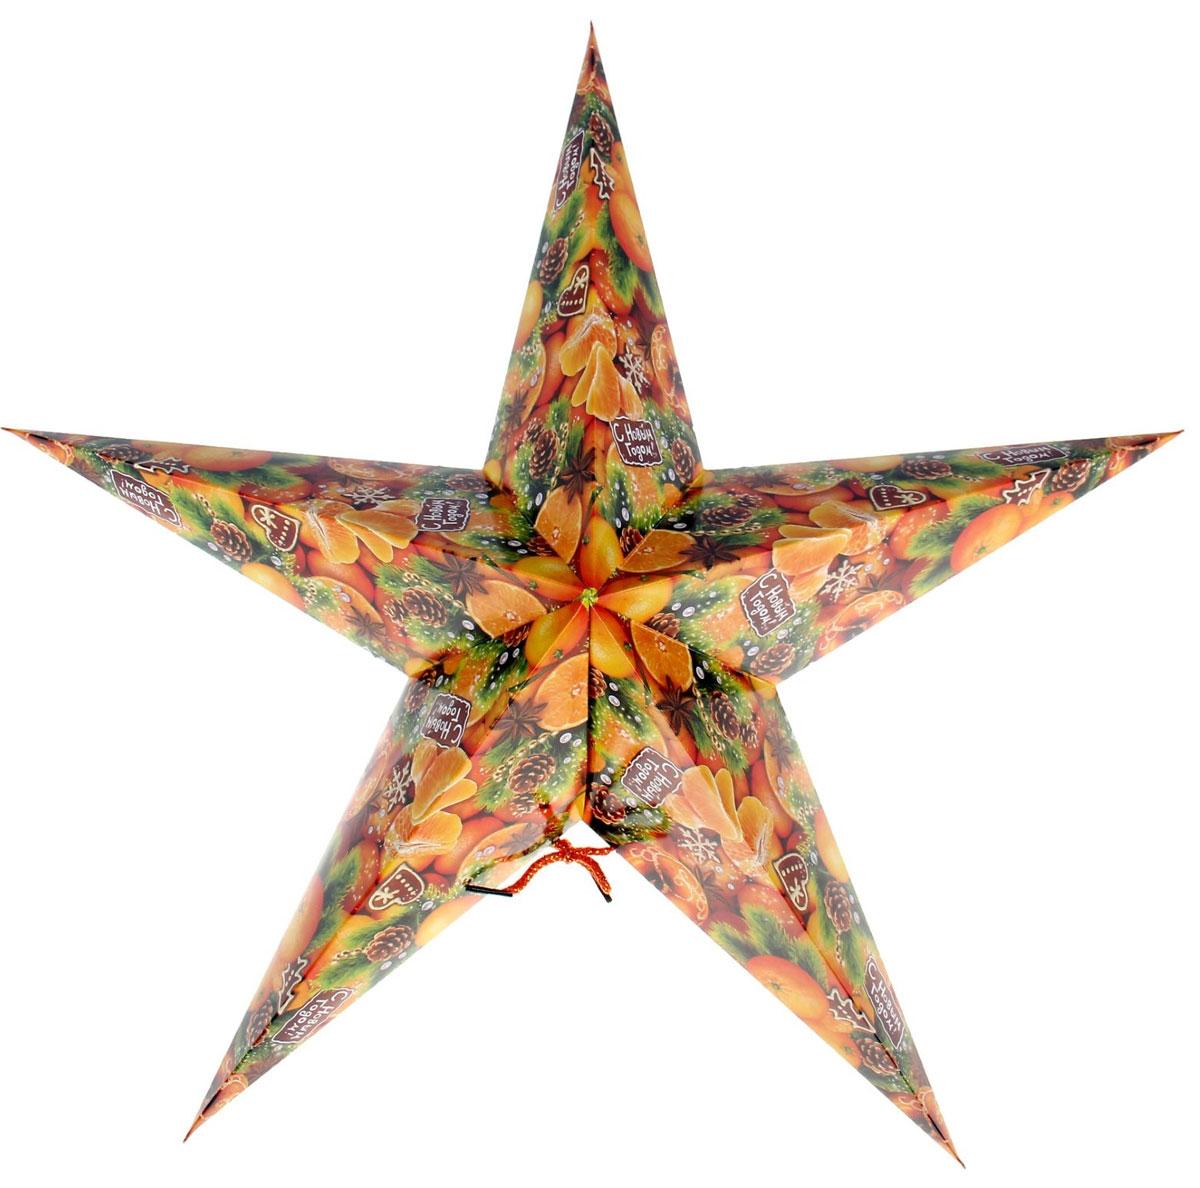 Новогоднее подвесное украшение Sima-land Звезда. С новым счастьем!, 64 х 64 х 25 см97775318Подвесное украшение Sima-land Звезда. С новым счастьем!, выполненное из картона, прекрасно подойдет для праздничного декора интерьера. С помощью шнурка его можно повесить в любом понравившемся вам месте. Новогодние украшения несут в себе волшебство и красоту праздника. Они помогут вам украсить дом к предстоящим праздникам и оживить интерьер по вашему вкусу. Создайте в доме атмосферу тепла, веселья и радости, украшая его всей семьей.